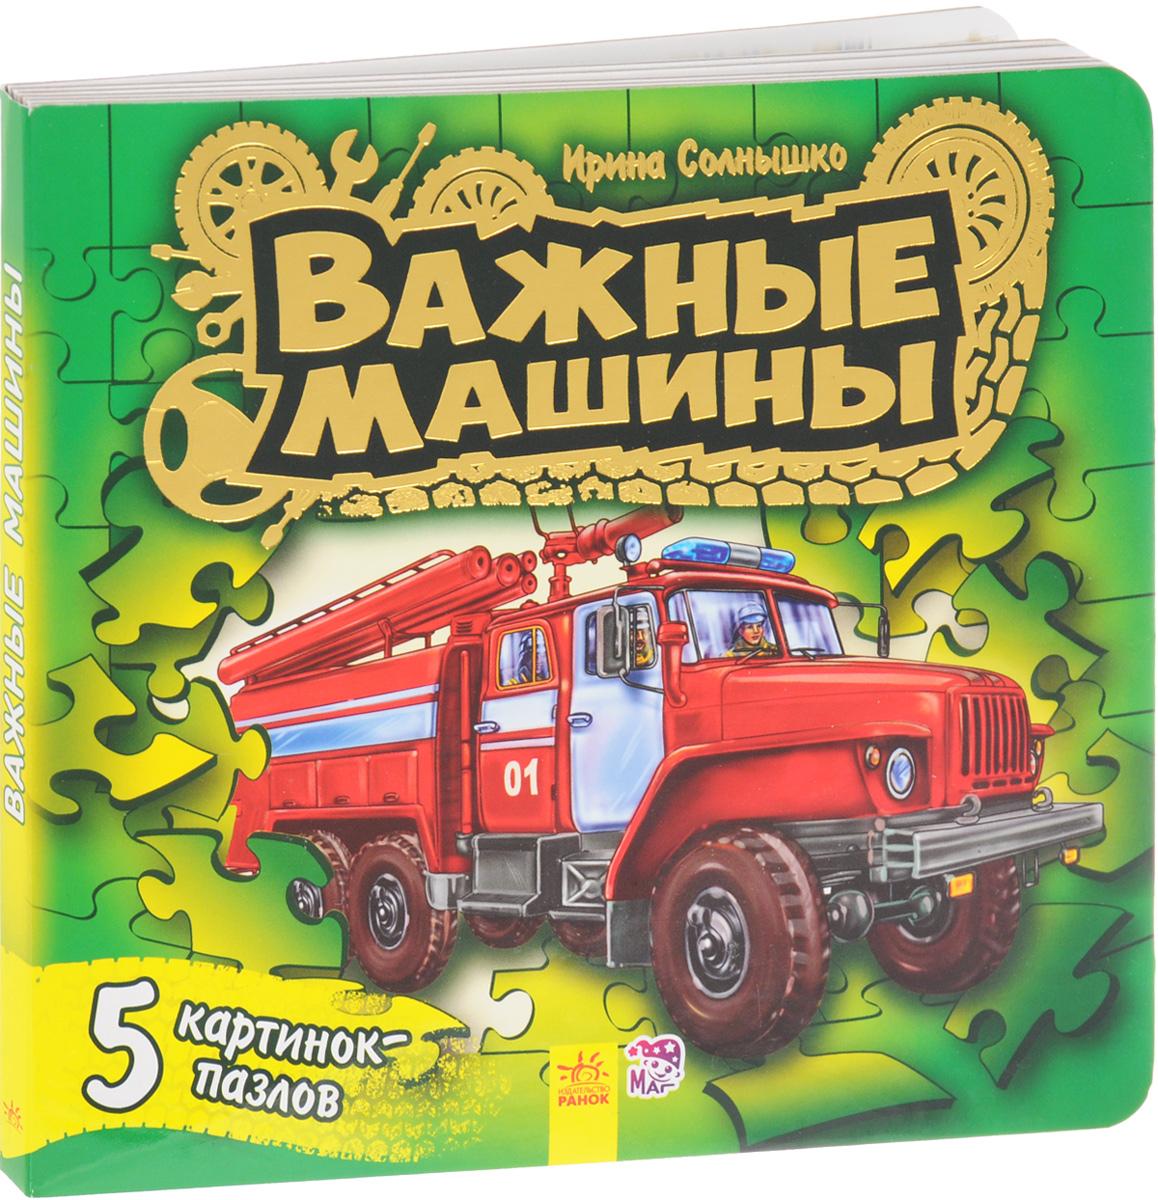 Ирина Солнышко Важные машины ирина солнышко зверята в деревне